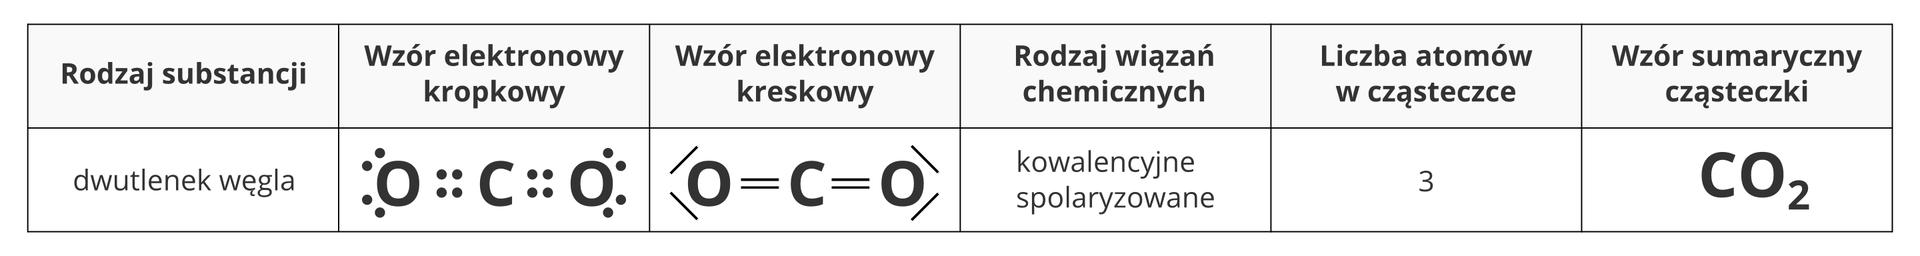 Ilustracja przedstawia tabelę zestawiającą ze sobą cechy isposoby zapisu cząsteczki dwutlenku węgla. Licząc od lewej strony kolejno wyszczególniane wtabeli elementy to nazwa związku, wzór elektronowy kropkowy cząsteczki, wzór elektronowy kreskowy, rodzaj wiązań chemicznych - wtym przypadku kowalencyjne spolaryzowane - liczba atomów wcząsteczce, wtym przypadku trzy oraz wzór sumaryczny cząsteczki CO2.